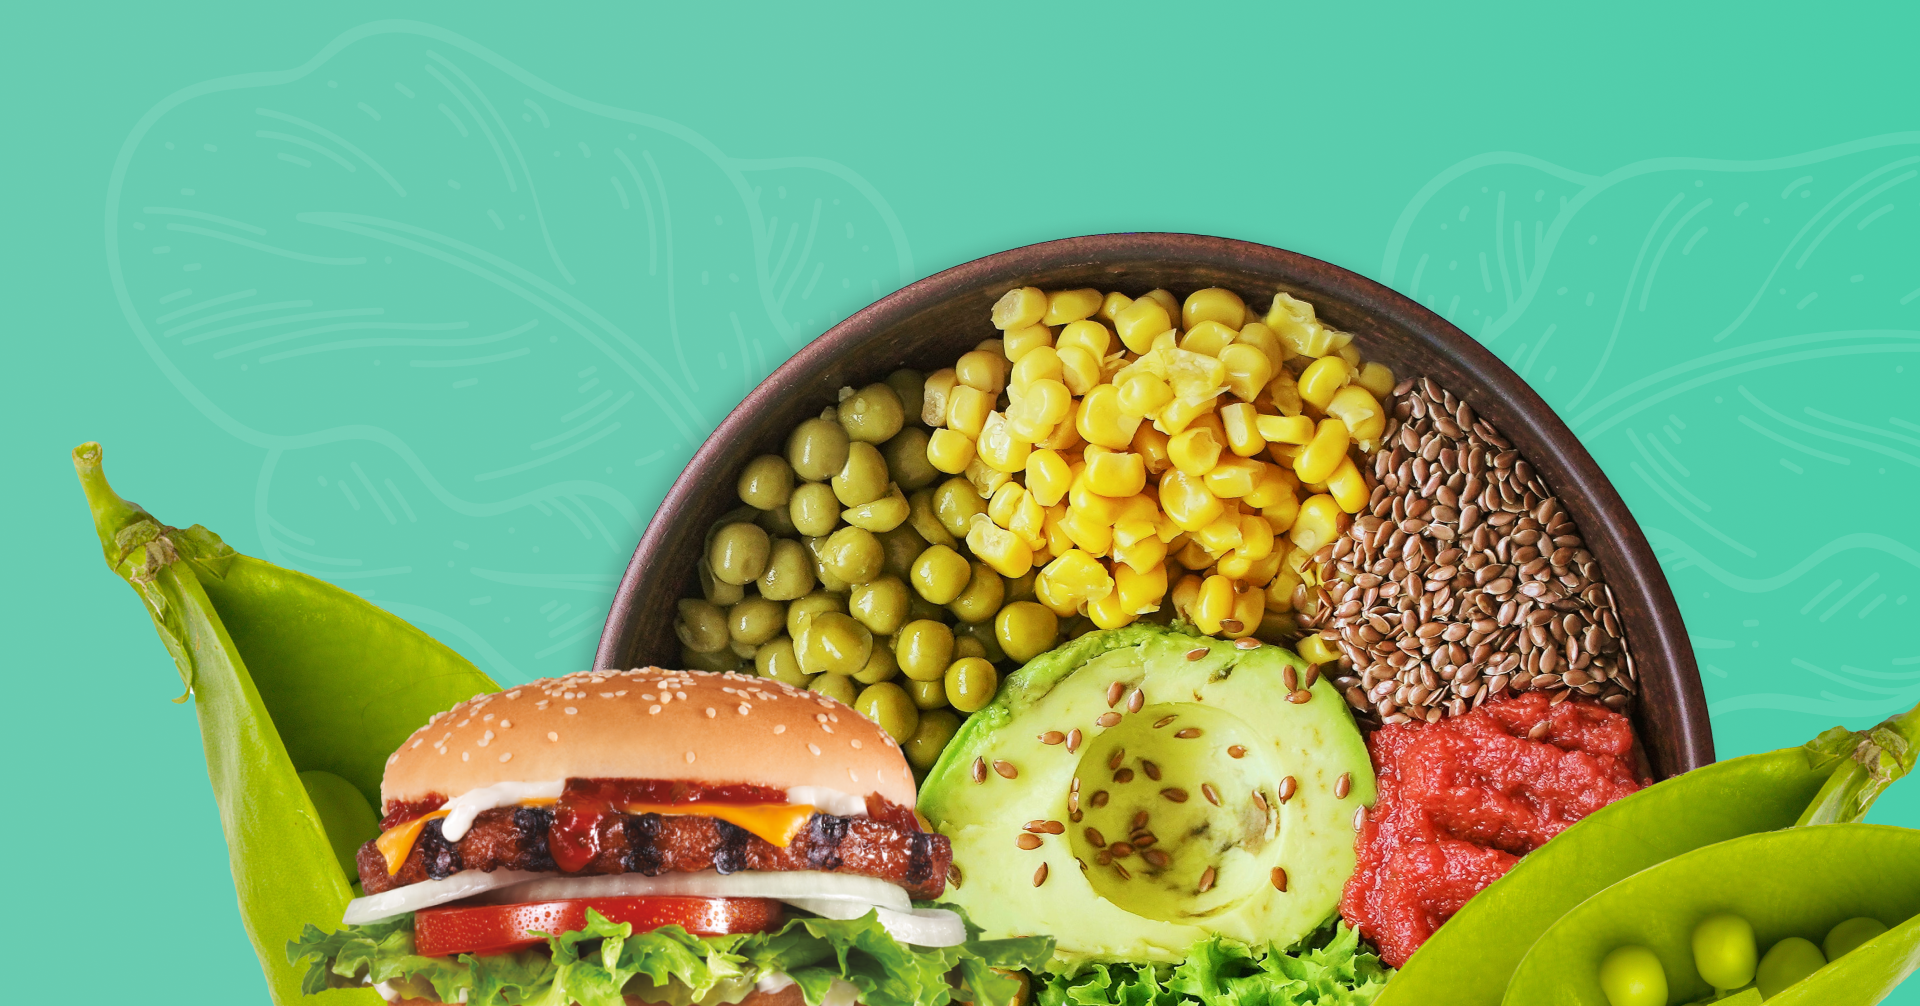 Vegetarianismo e veganismo: além de uma escolha alimentar